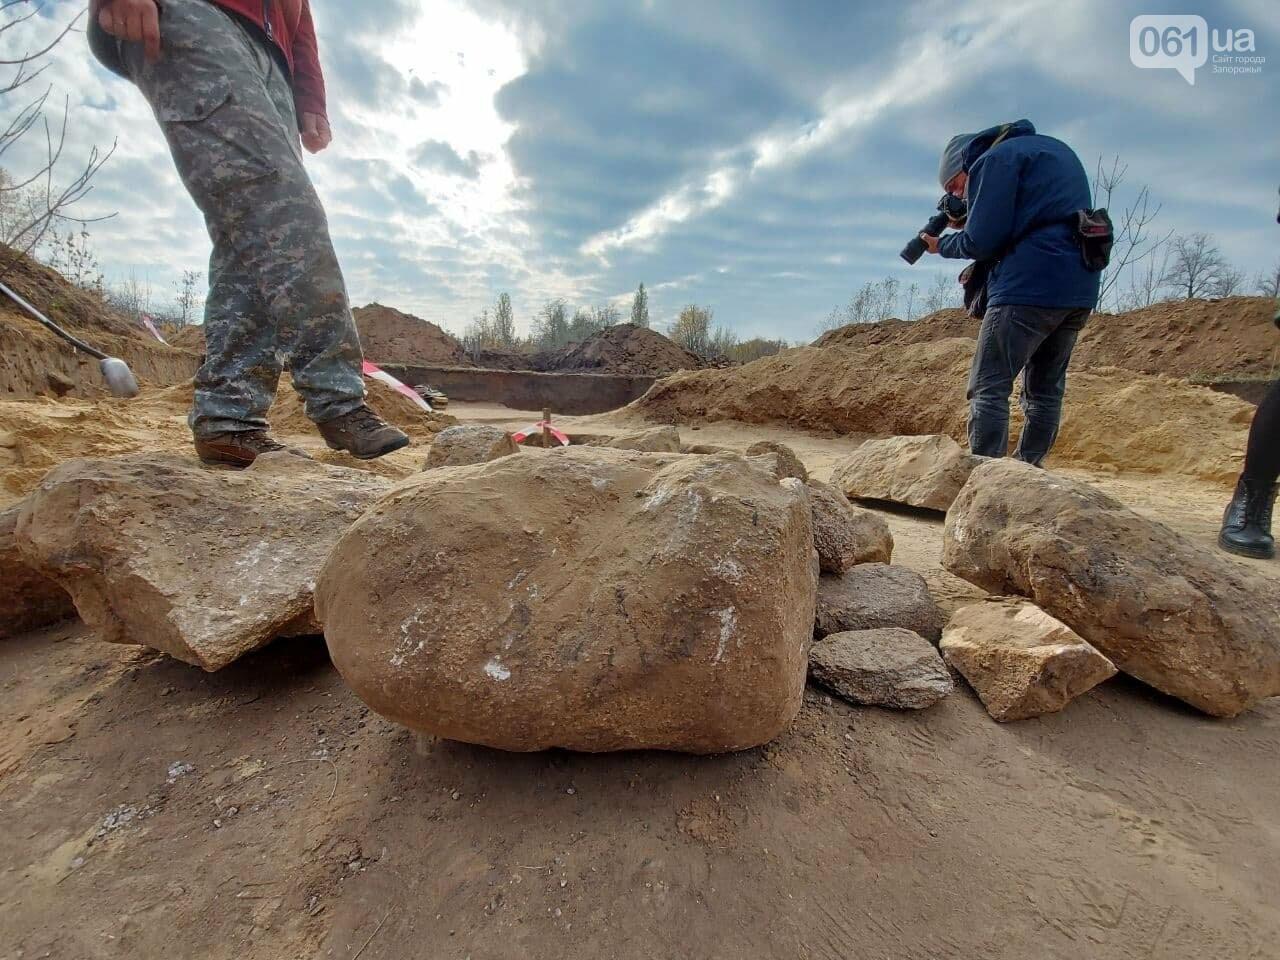 В Запорожье на Хортице нашли захоронение скифского воина, которому 2500 лет, - ФОТОРЕПОРТАЖ, фото-9